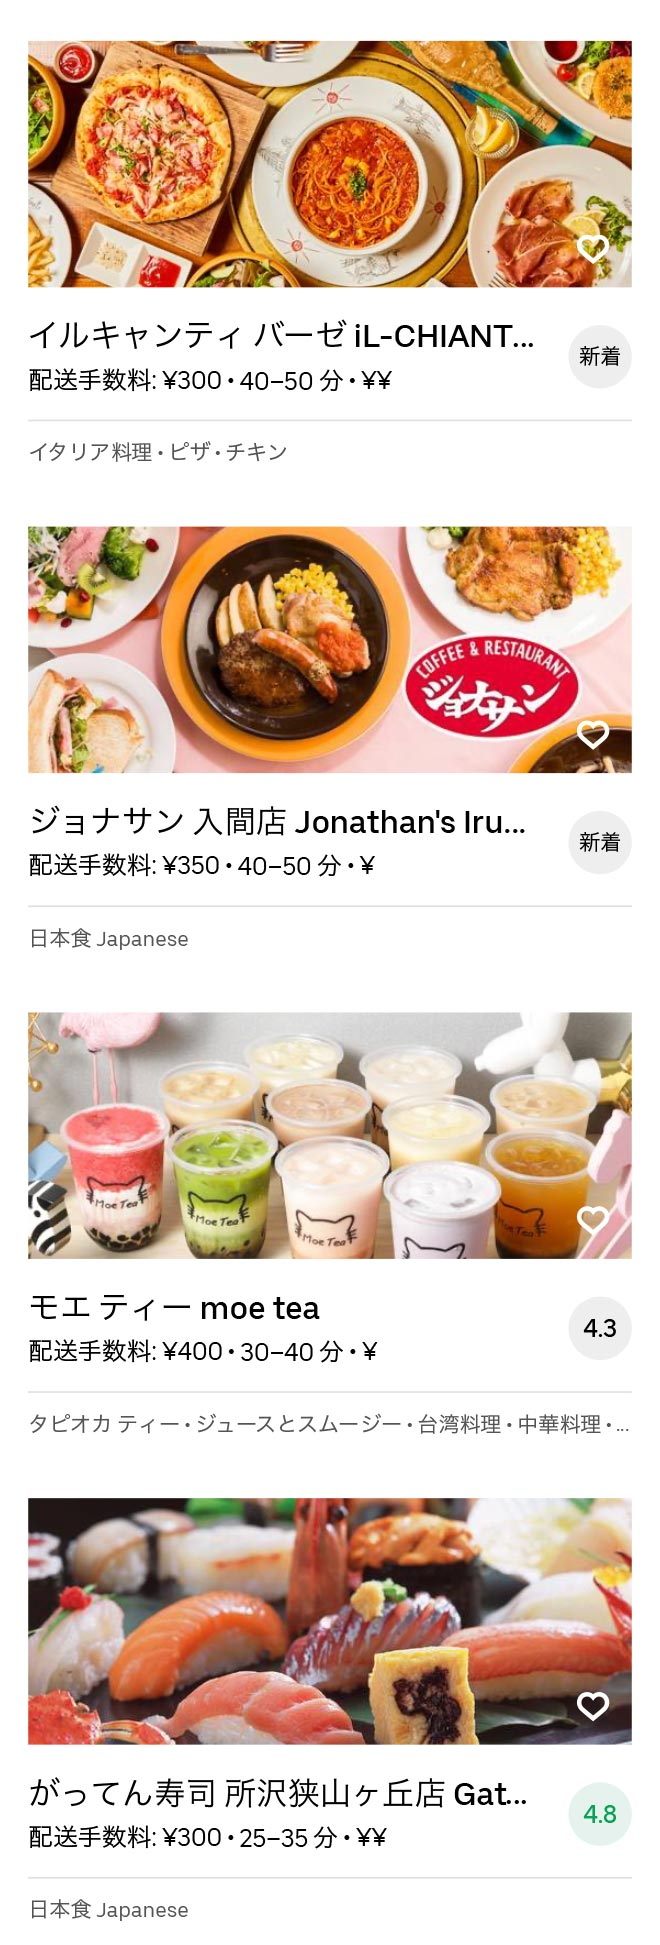 Iriso menu 2010 10